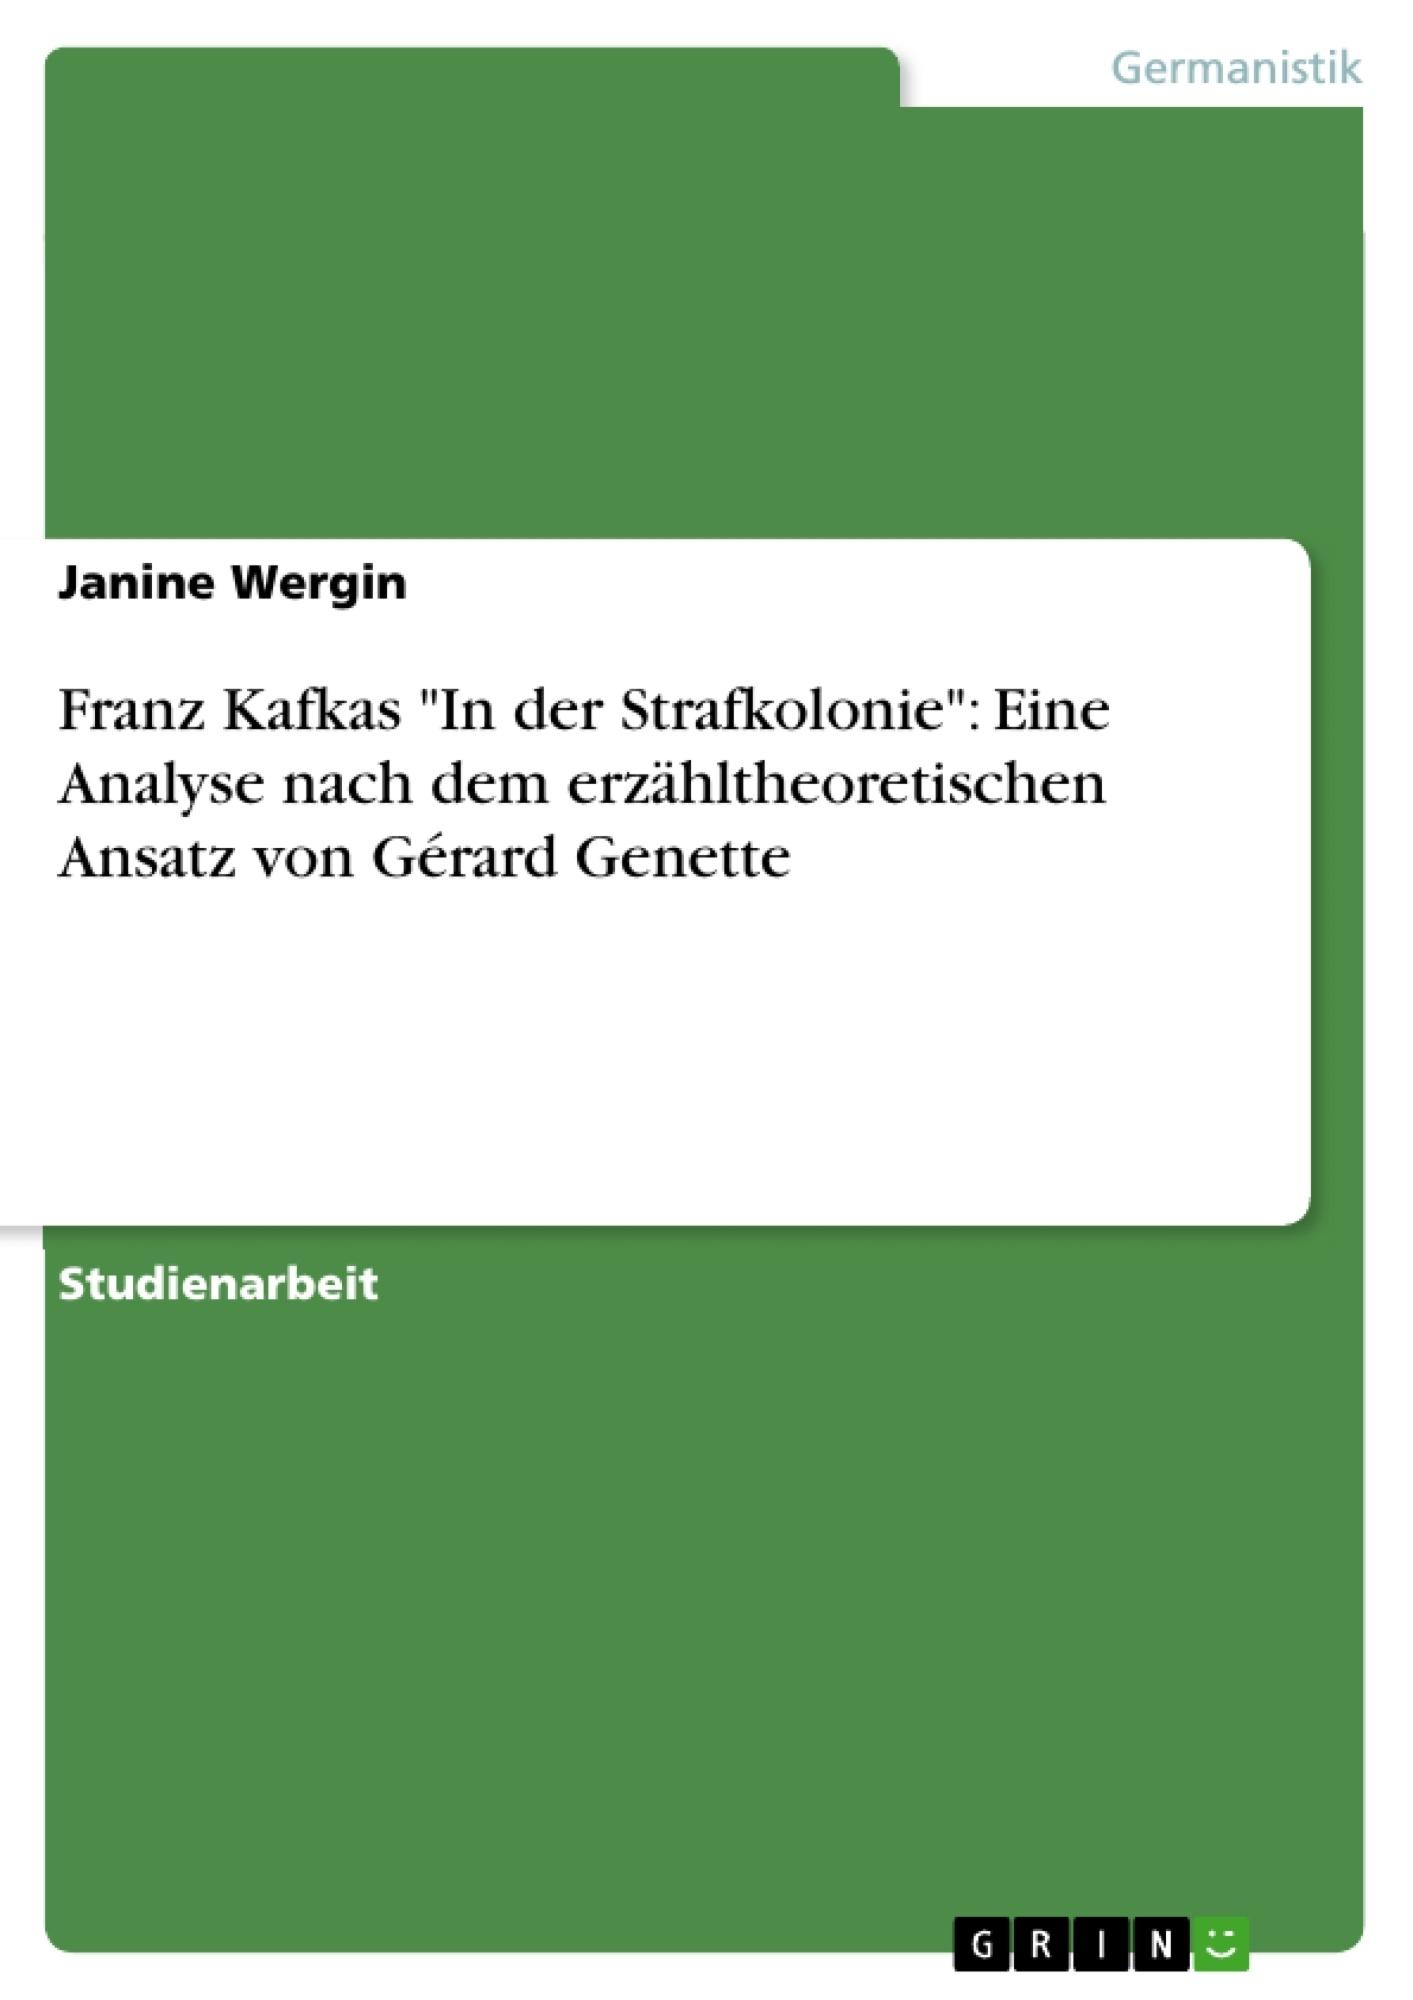 """Titel: Franz Kafkas """"In der Strafkolonie"""": Eine Analyse nach dem erzähltheoretischen Ansatz von Gérard Genette"""